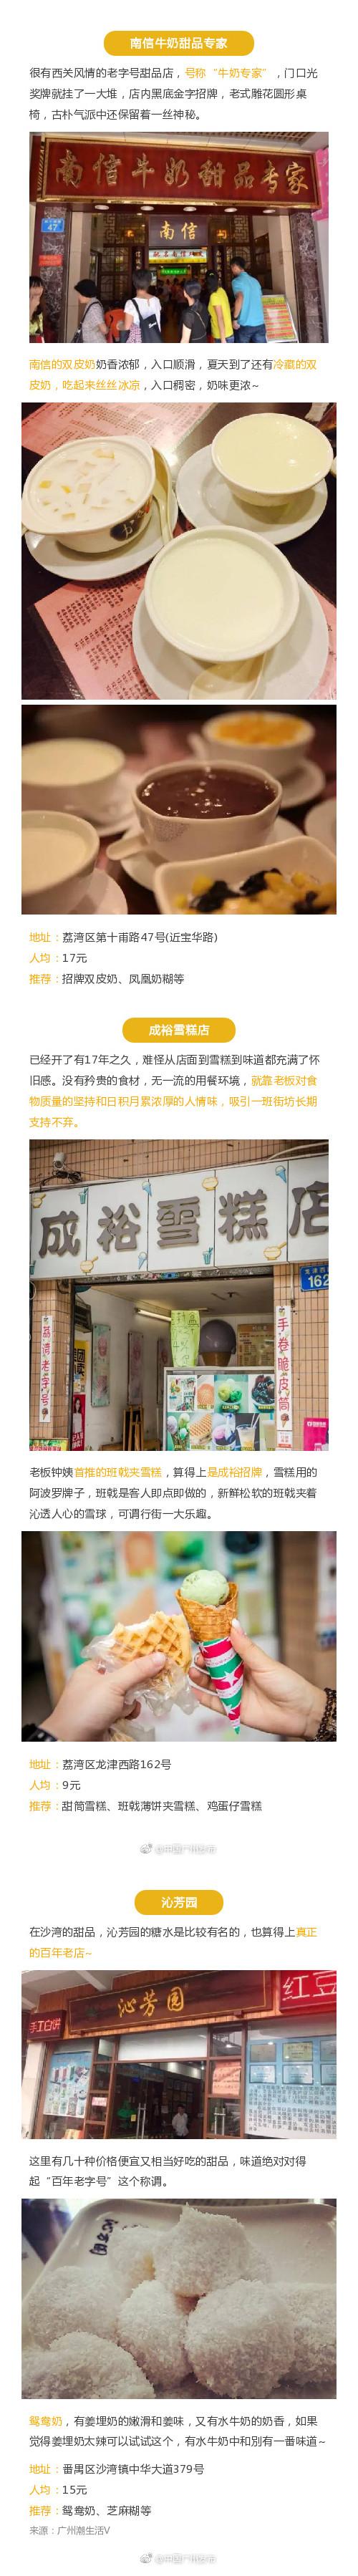 2017广州15家好吃又传统的糖水铺推荐(地址+价格+推荐)